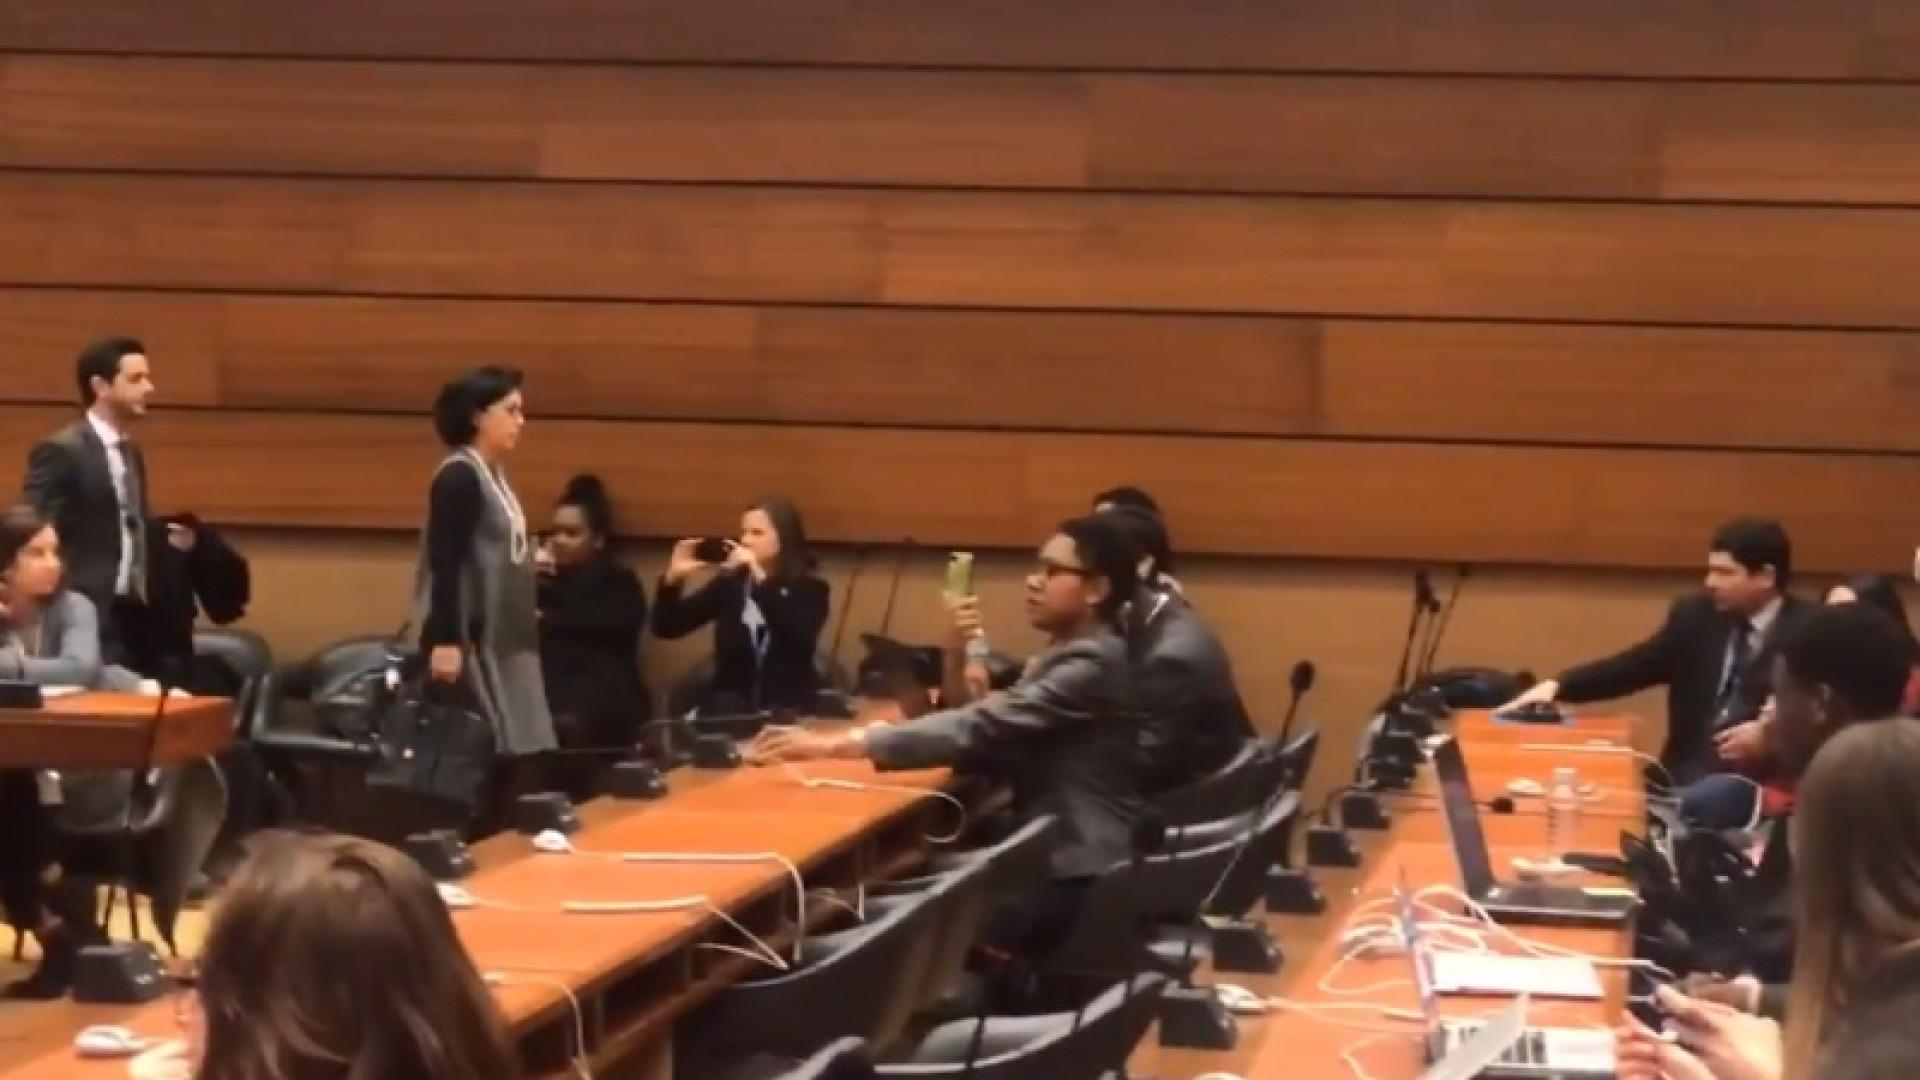 Jean Wyllys e embaixadora brasileira da ONU discutem durante reunião